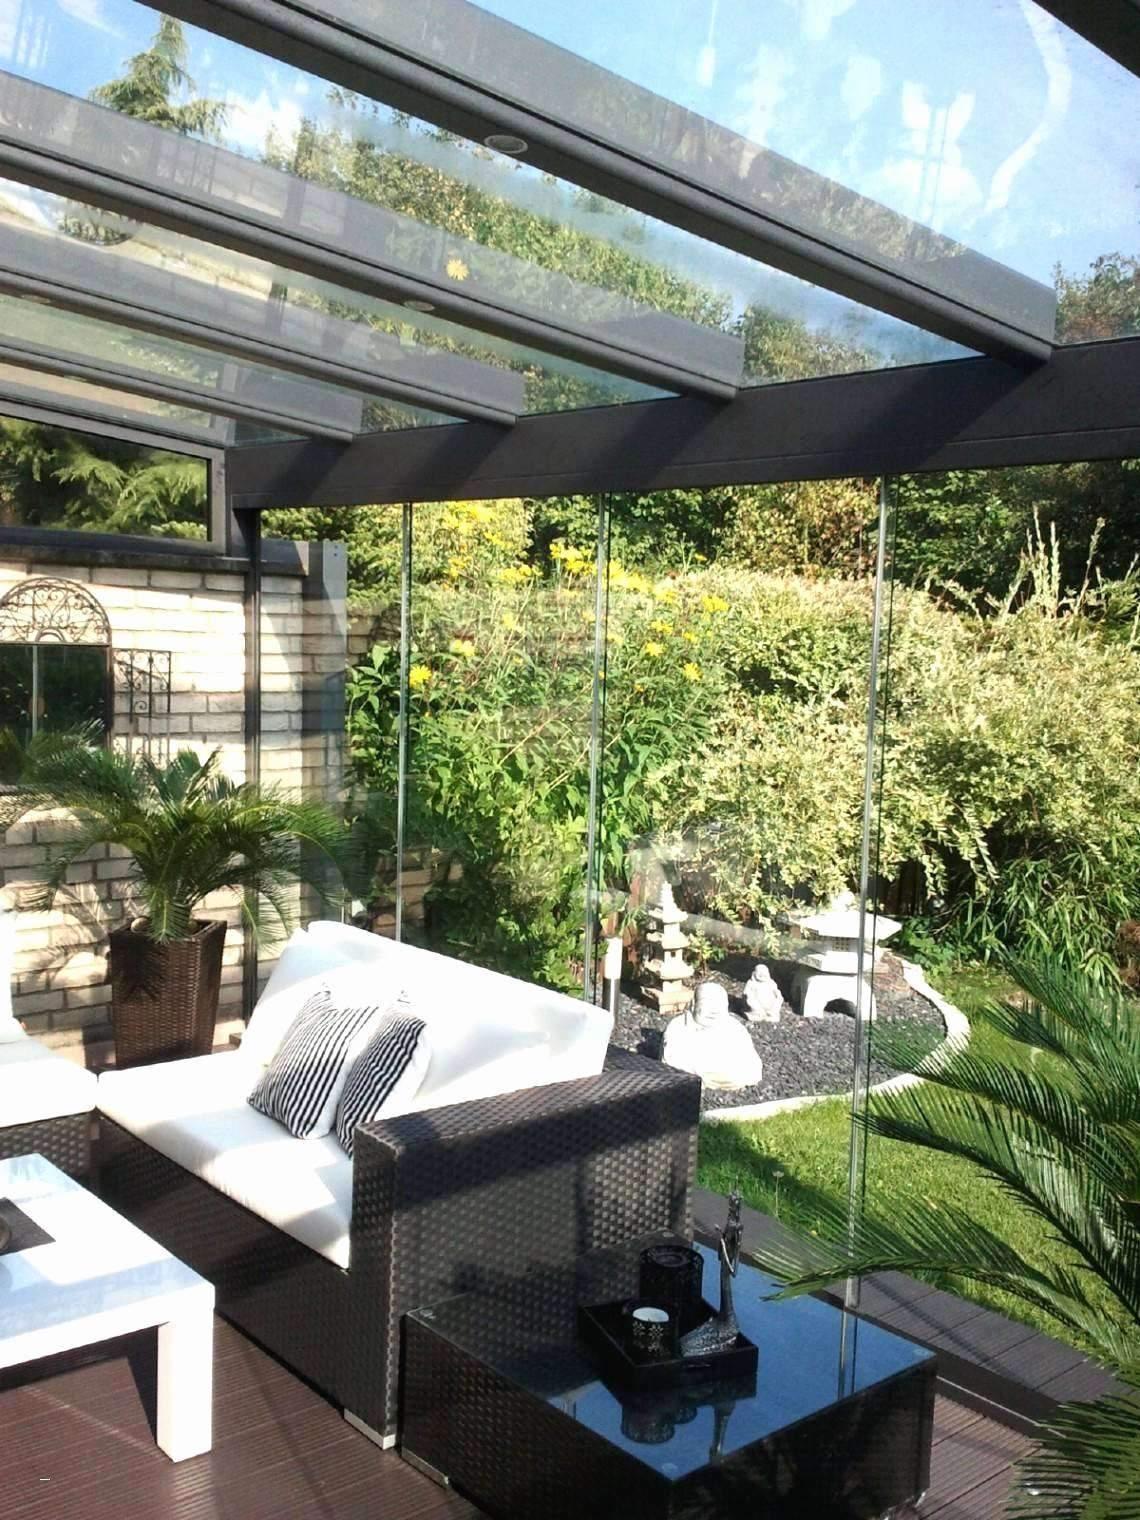 wohnen und garten einzigartig kleingarten gestalten ideen of wohnen und garten